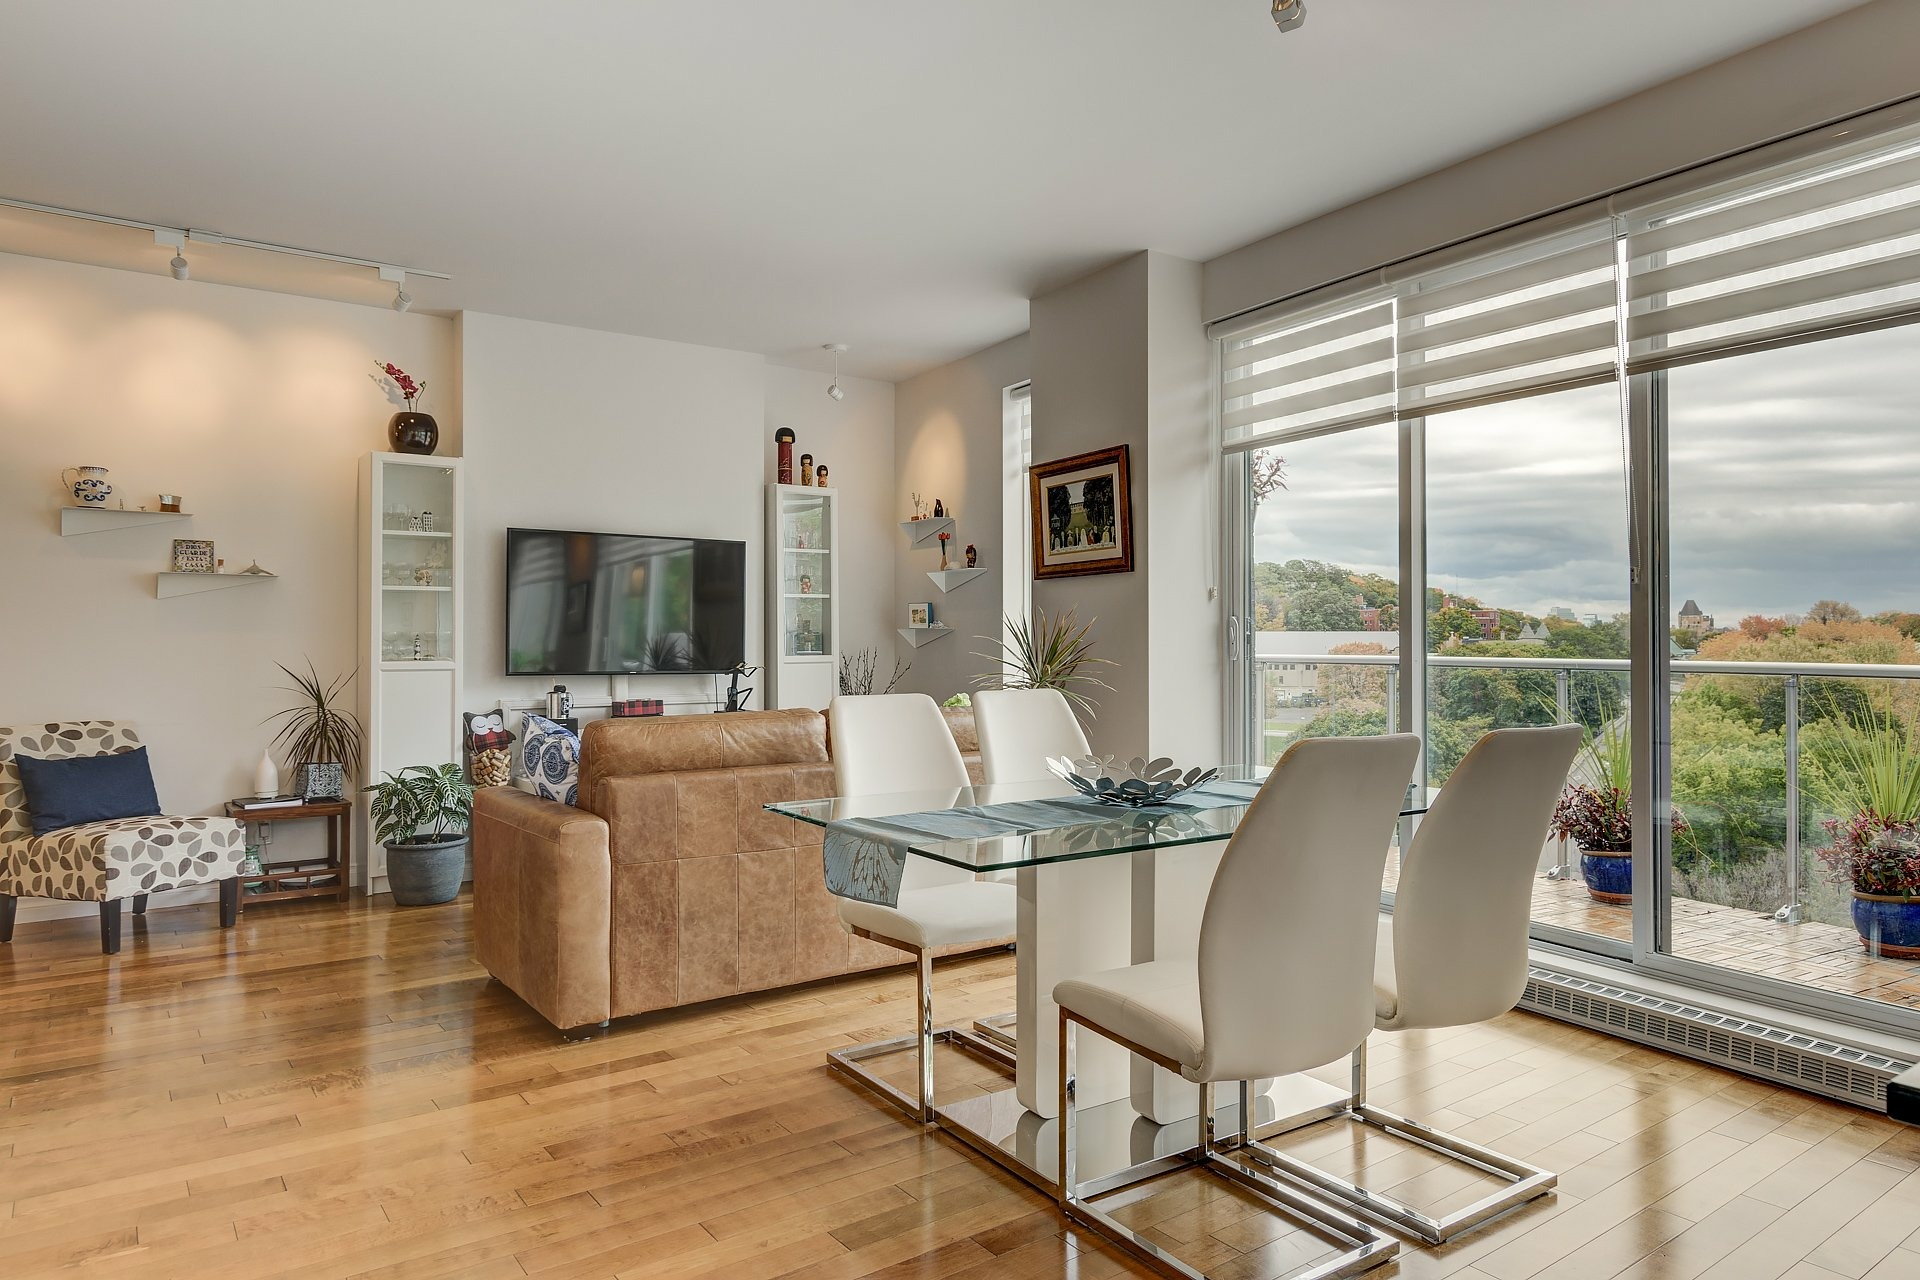 image 3 - Appartement À vendre Côte-des-Neiges/Notre-Dame-de-Grâce Montréal  - 5 pièces